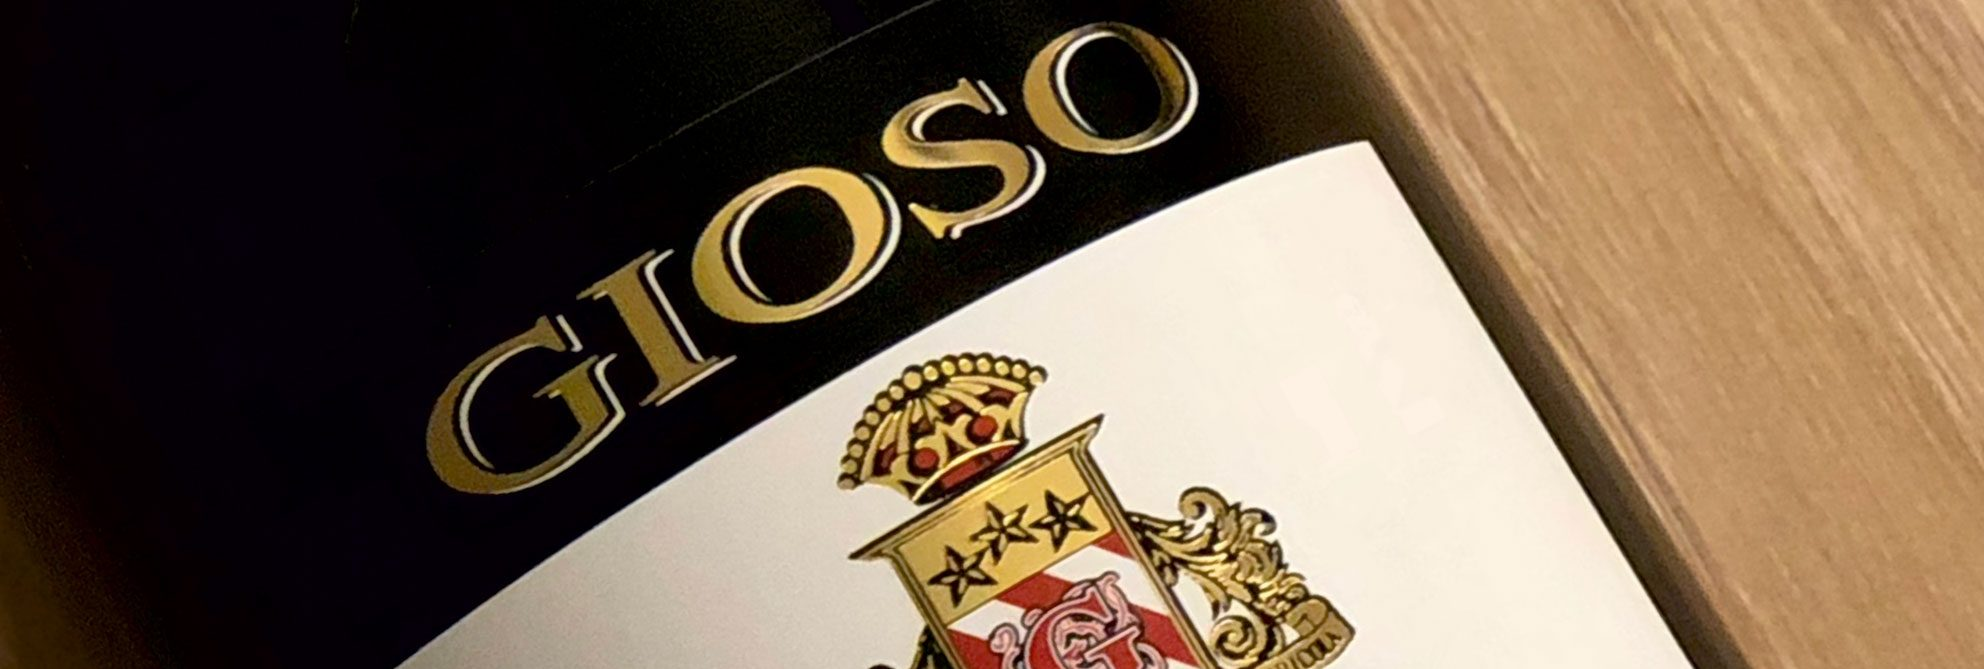 gioso wines